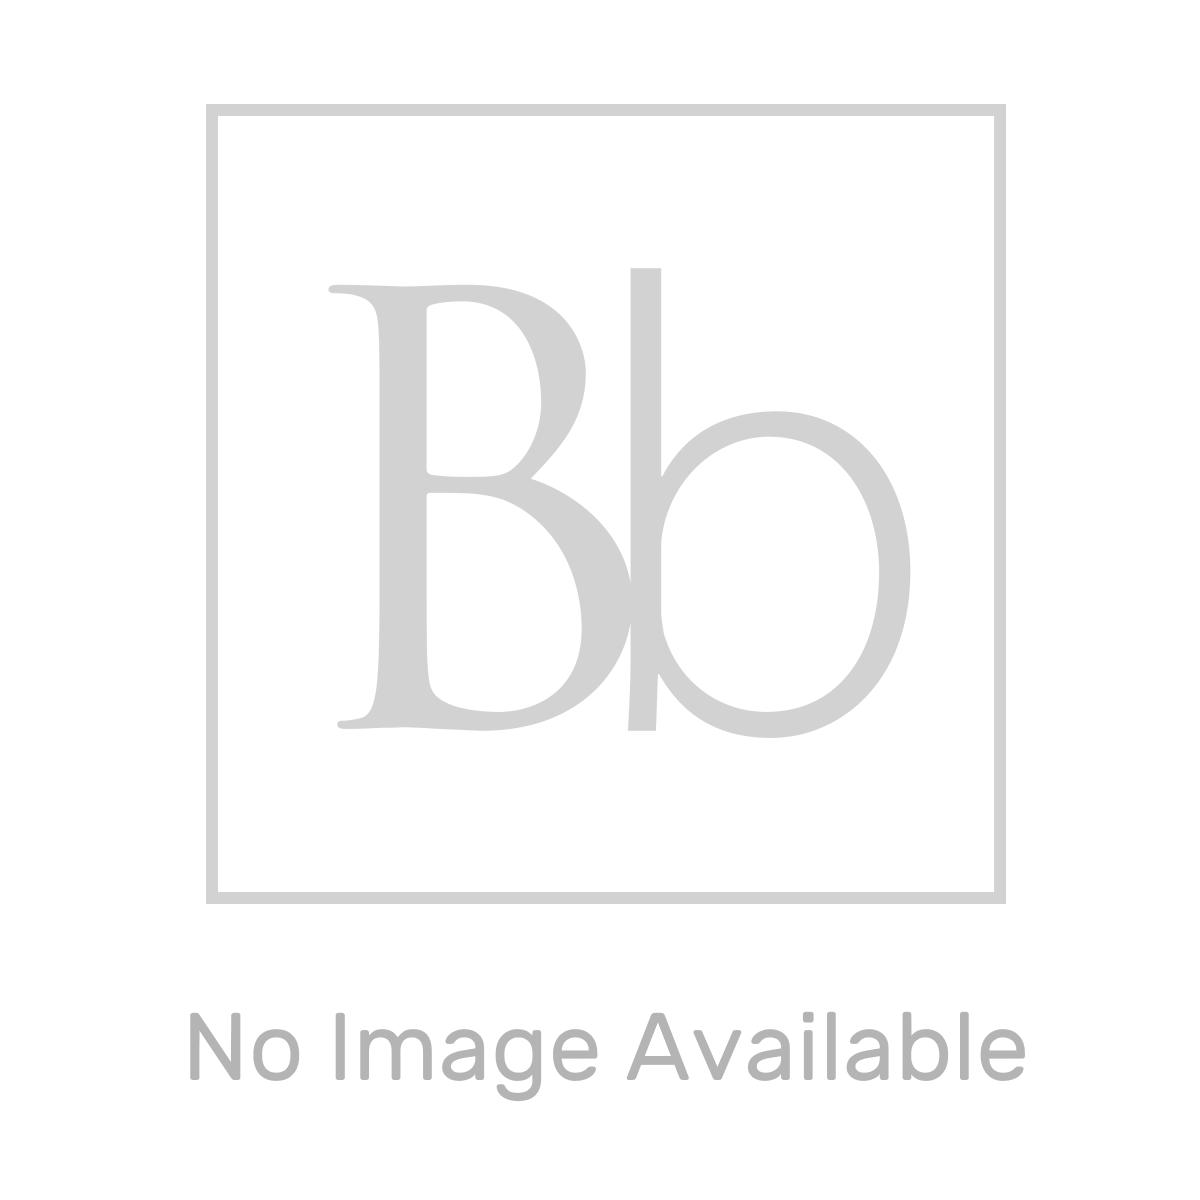 Tavistock Compass Gloss White Freestanding Vanity Unit 500mm Dimensions